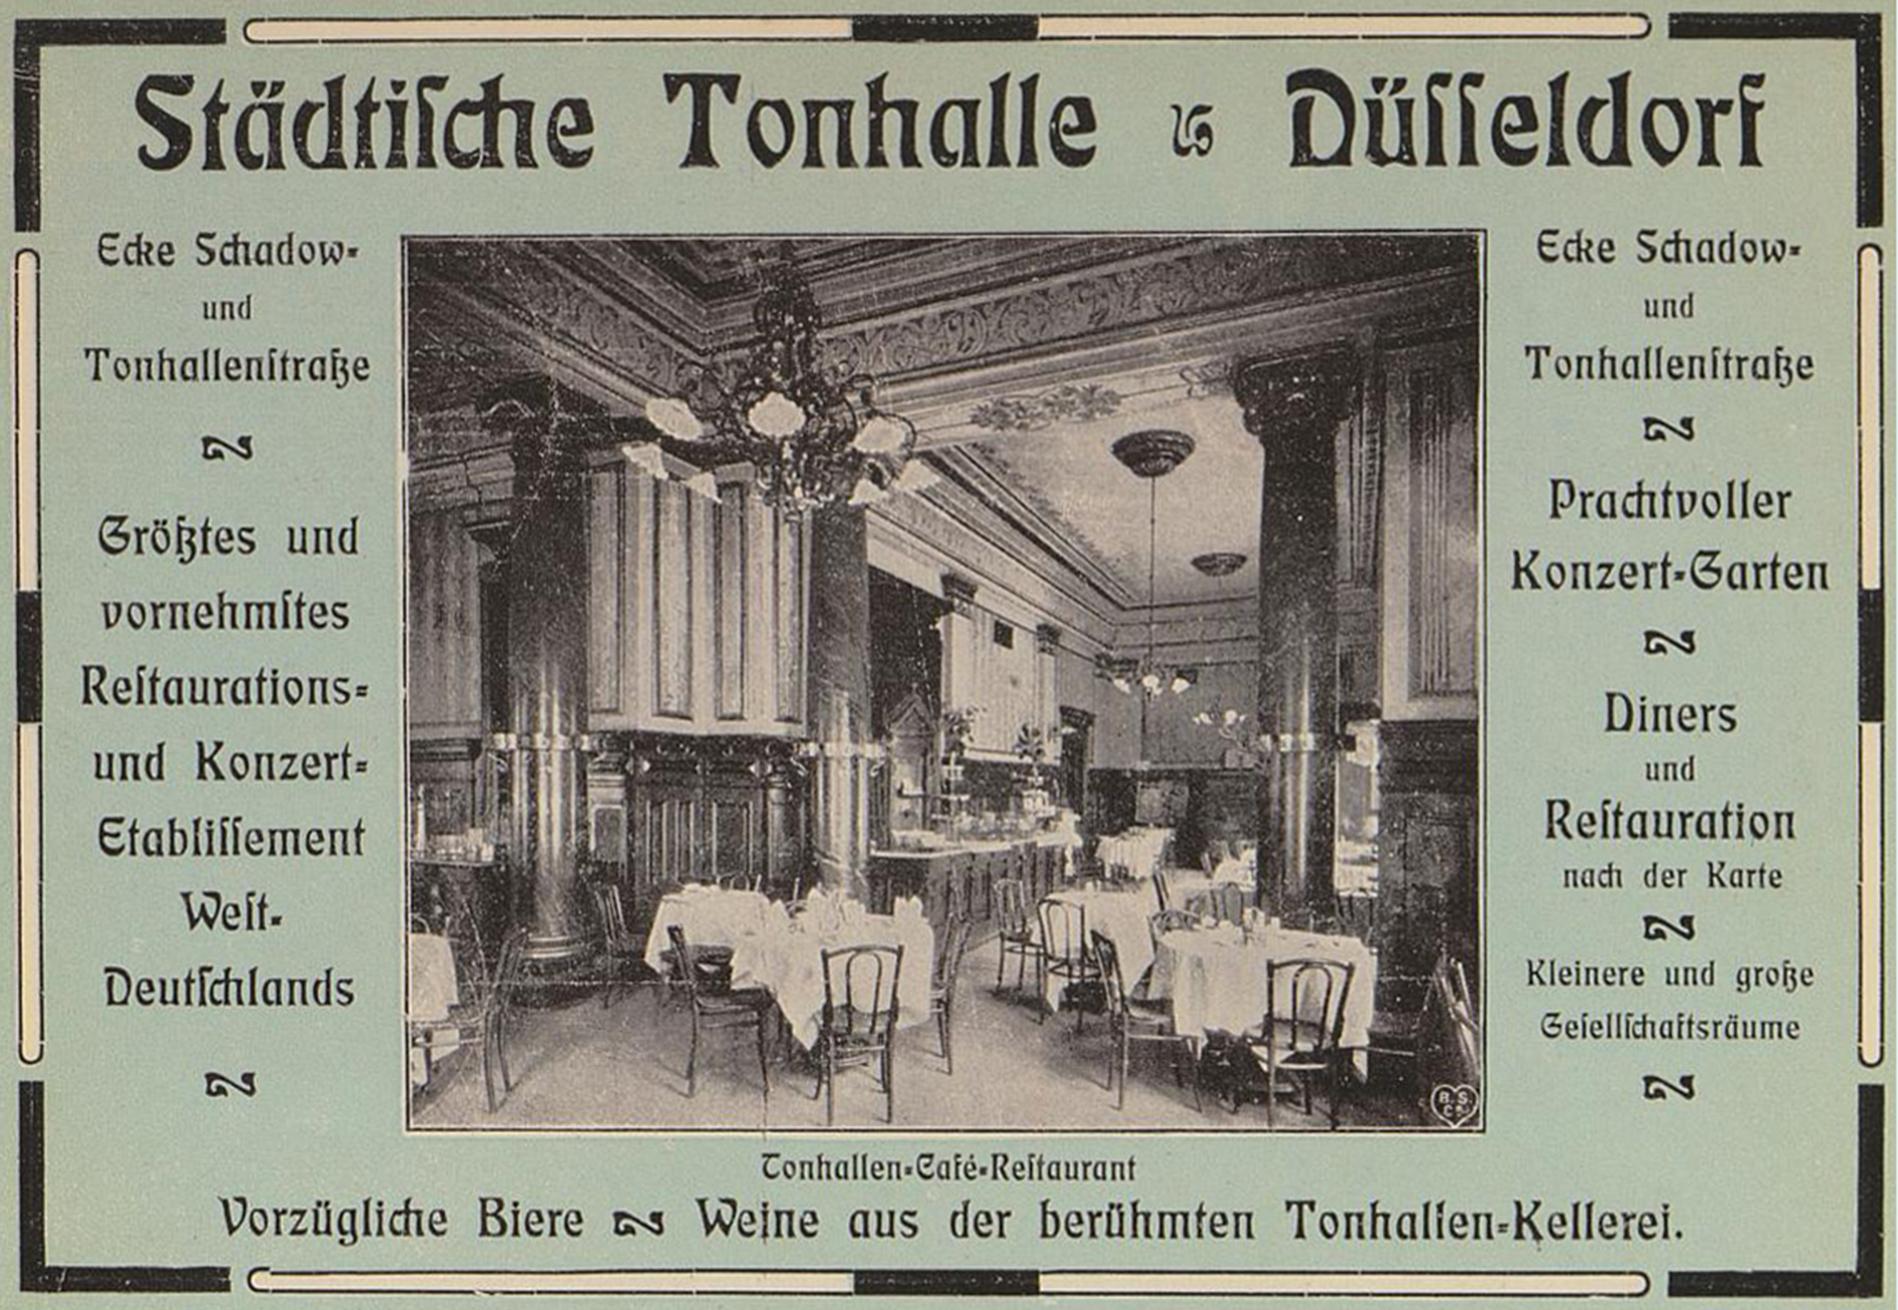 Caf Ef Bf Bd Restaurant St Folquin